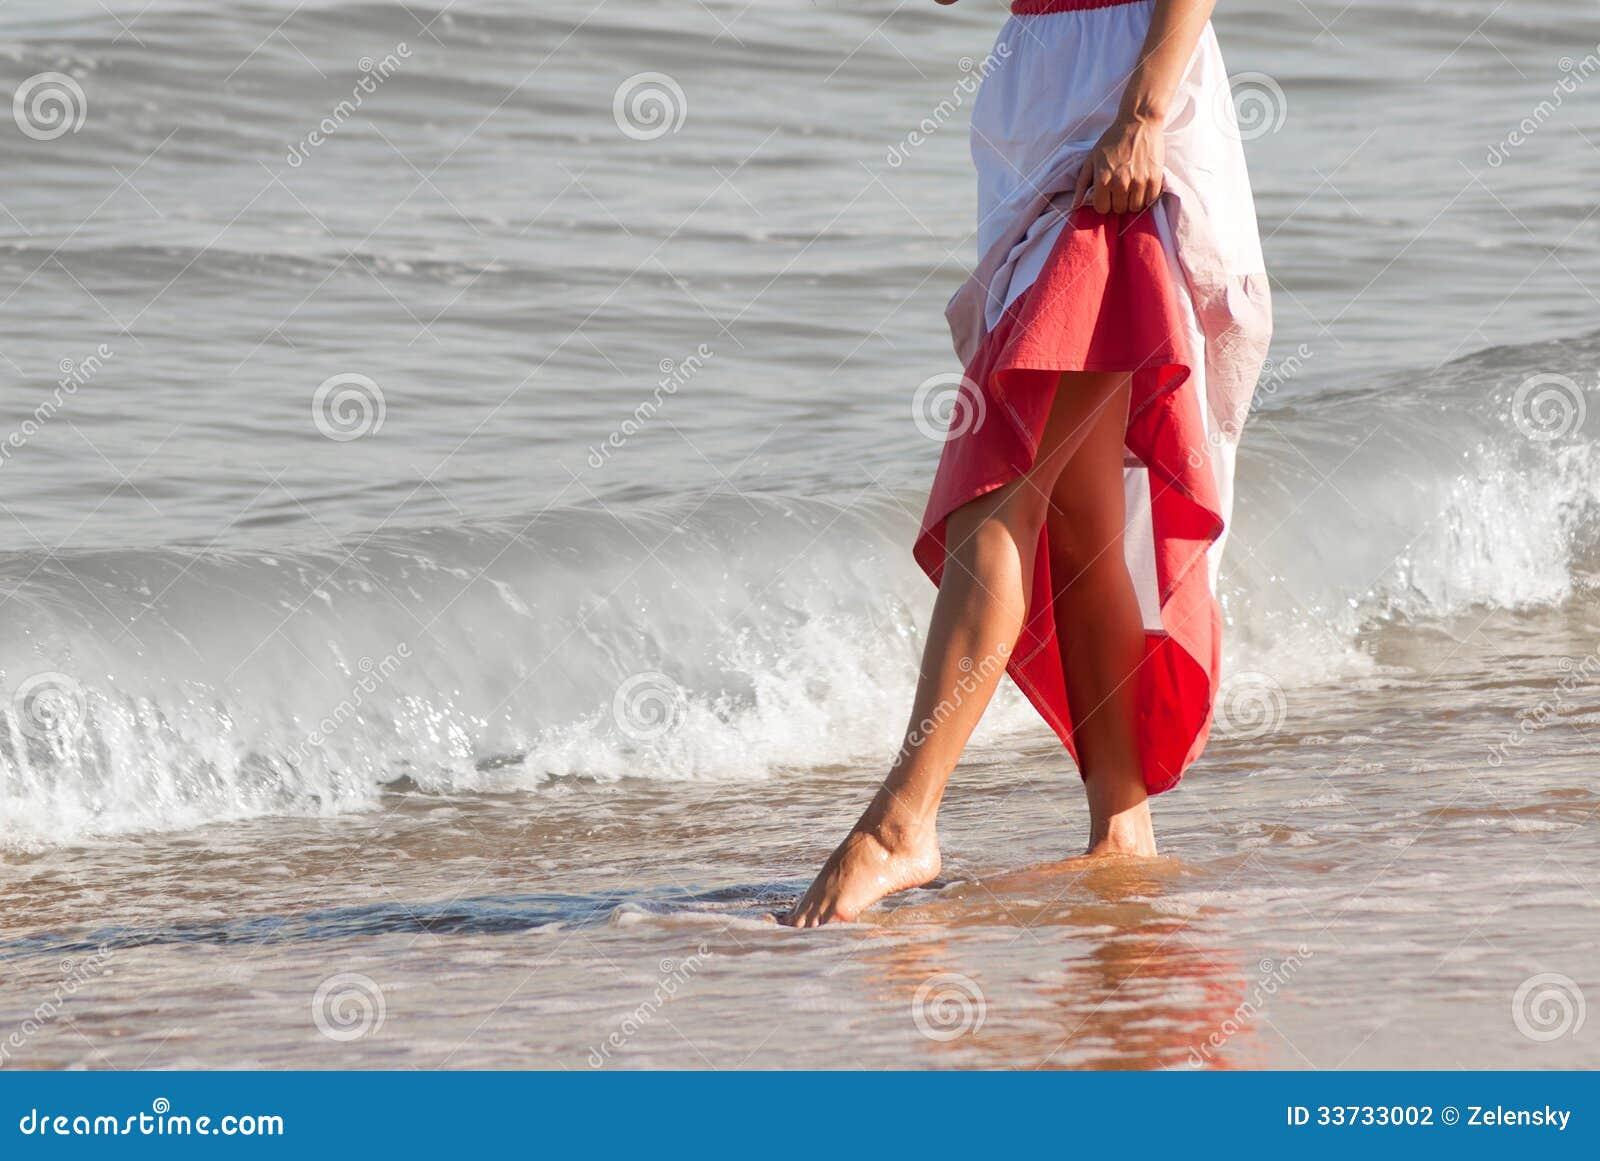 Одна женщина идя на пляж